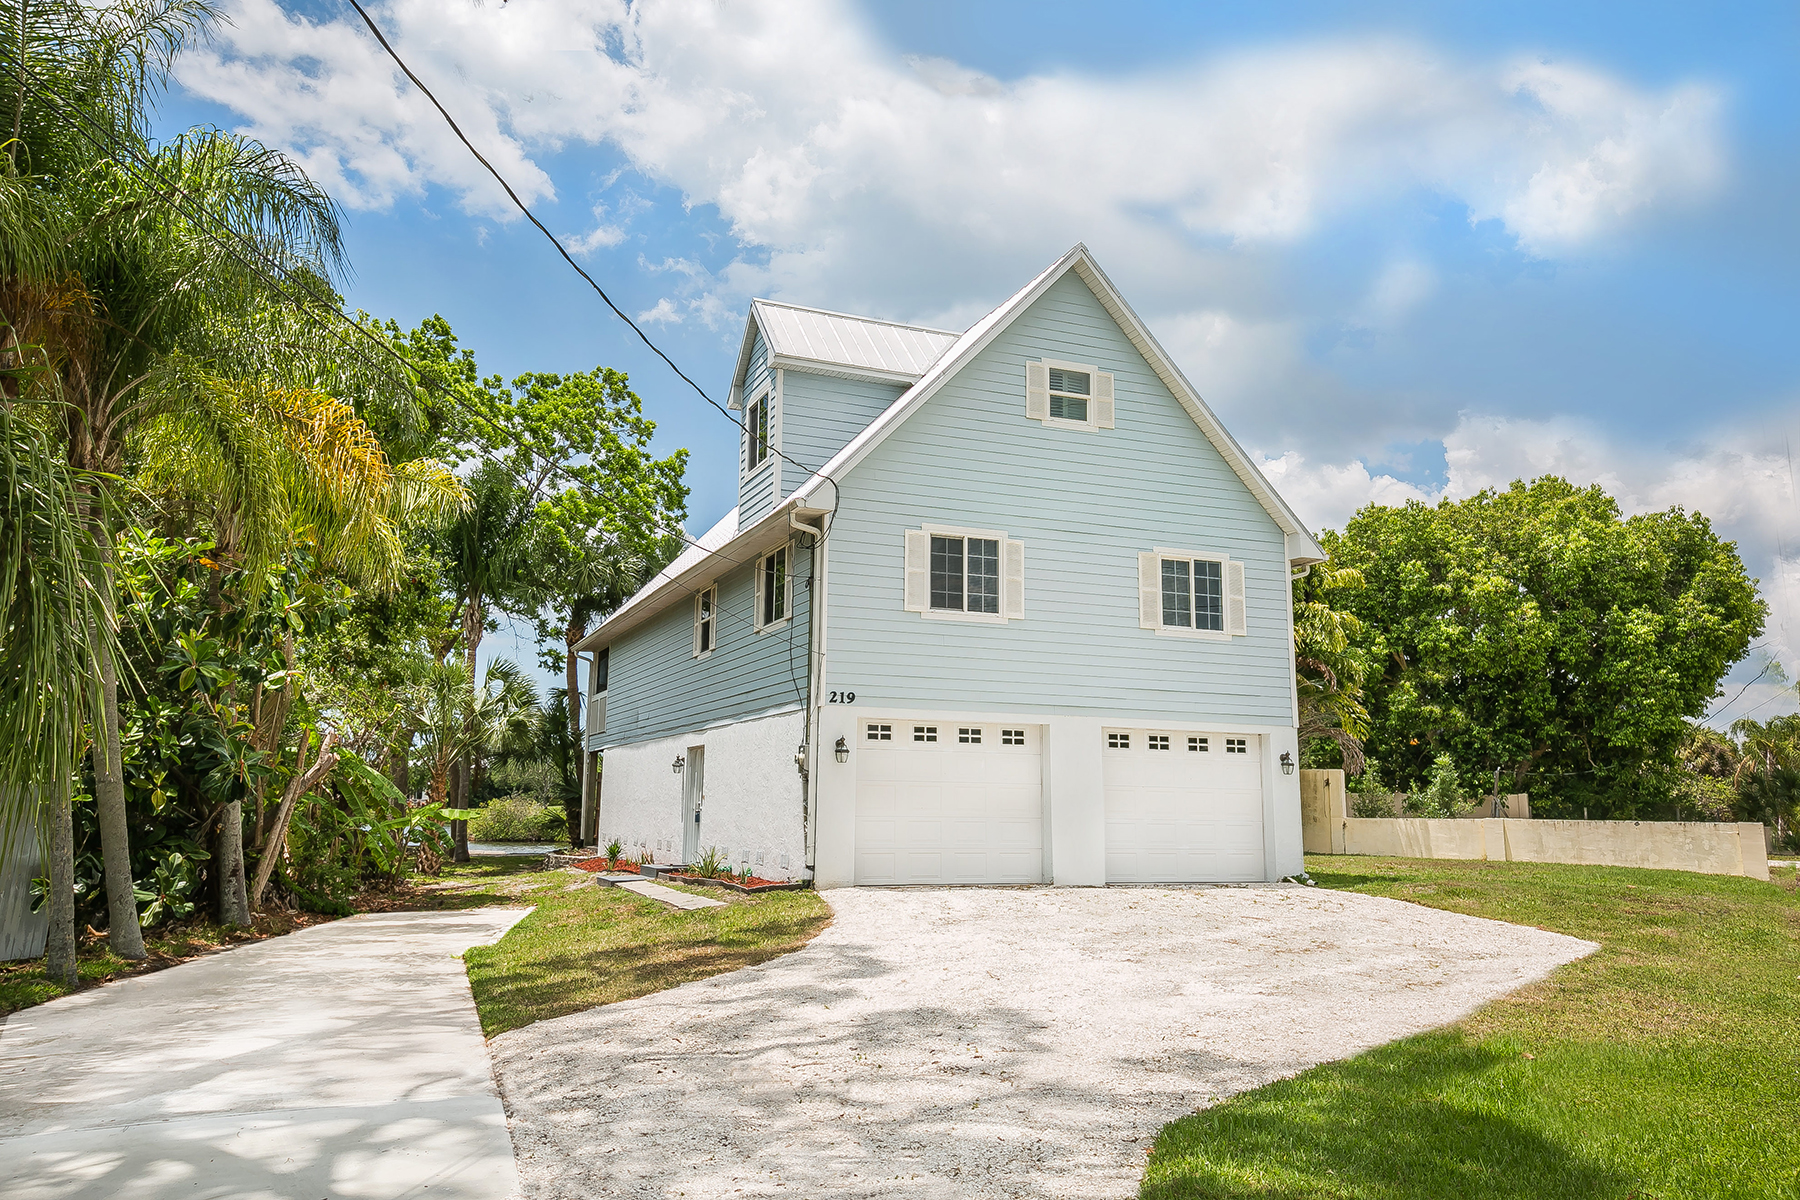 一戸建て のために 売買 アット MOBILE CITY 219 Ravenna St N Nokomis, フロリダ, 34275 アメリカ合衆国